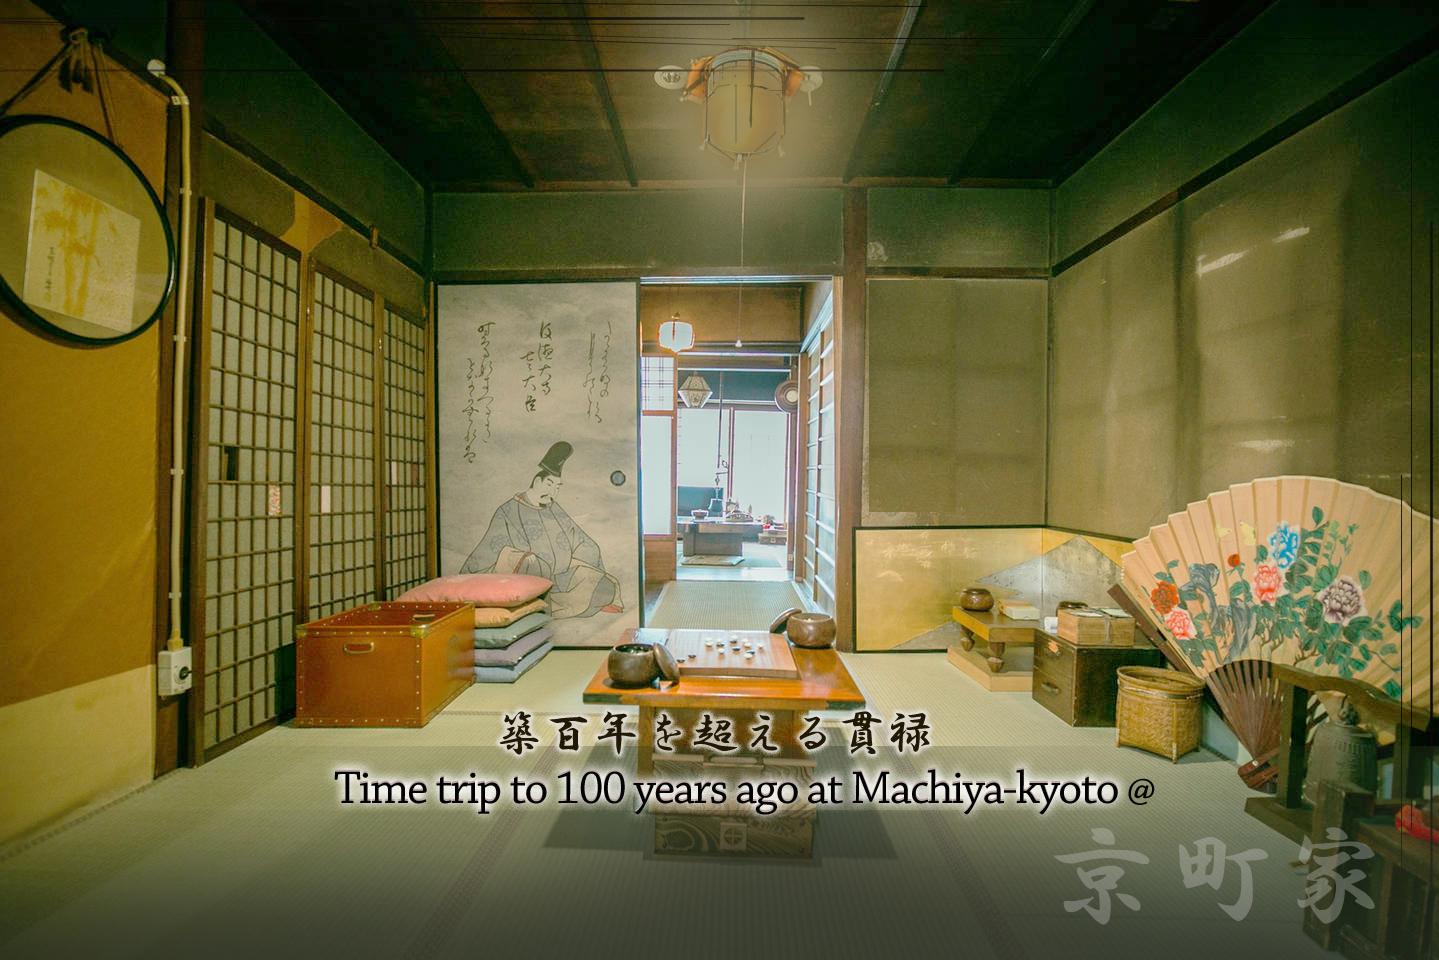 西院・築100年 京都の伝統を残す町屋を貸切 撮影・貸切パーティ・会議や研修に の写真